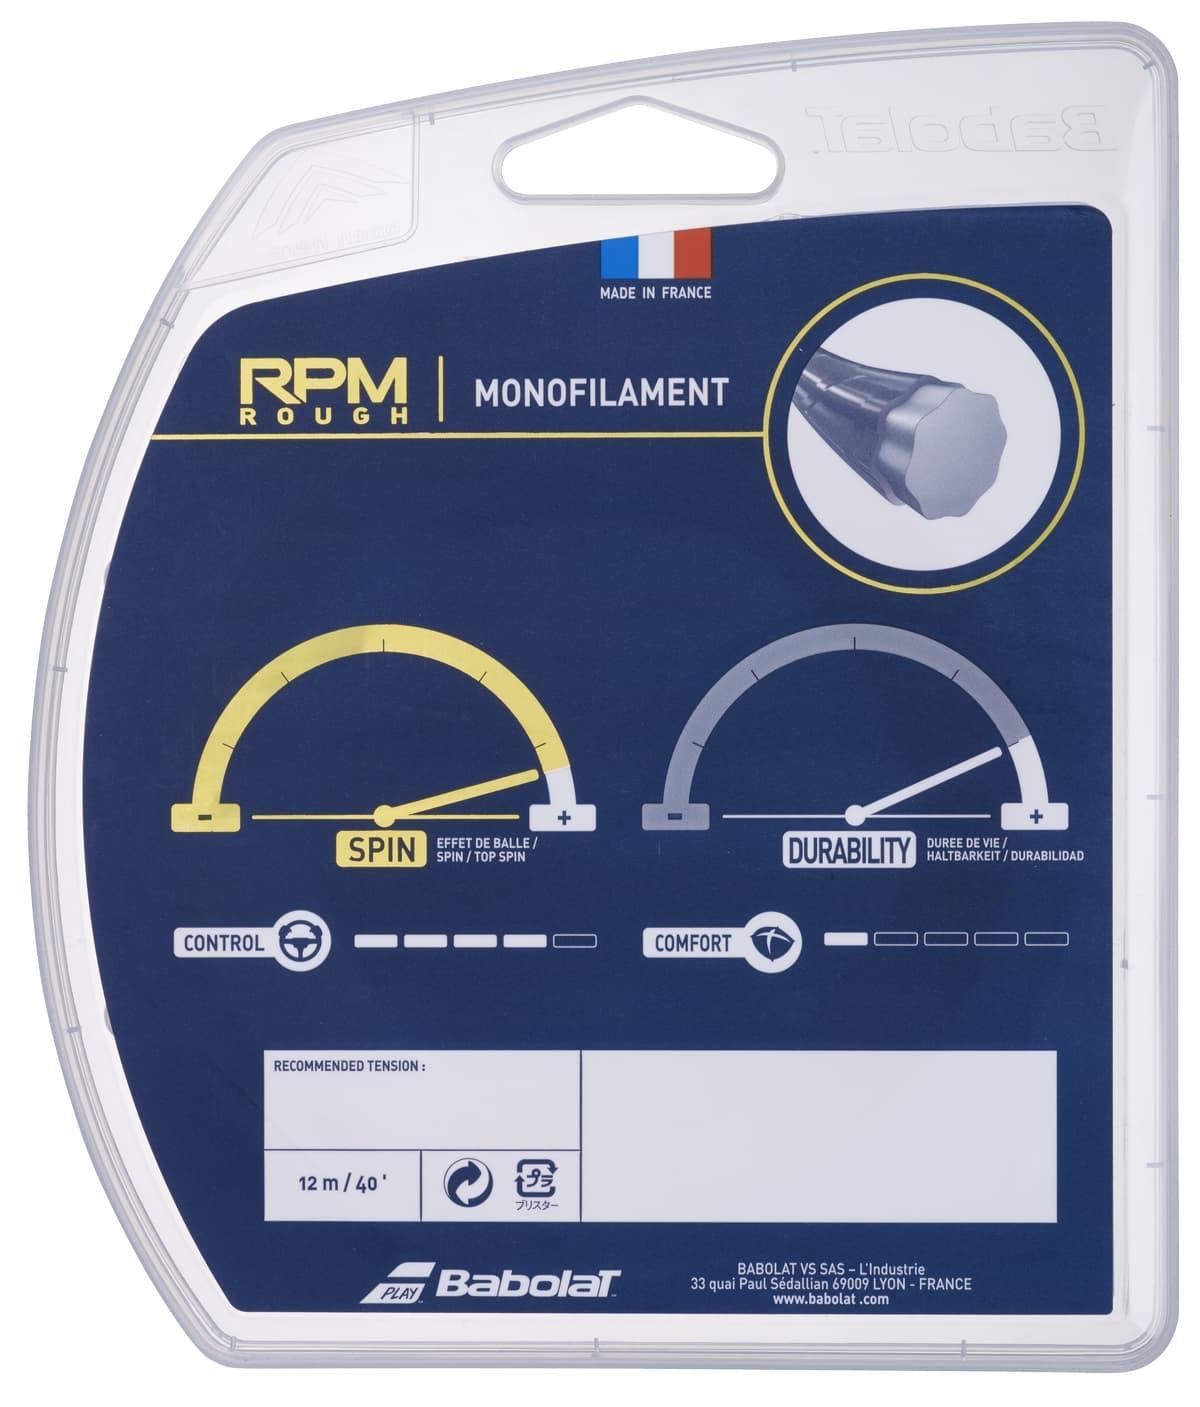 RPM BLAST ROUGH 12M